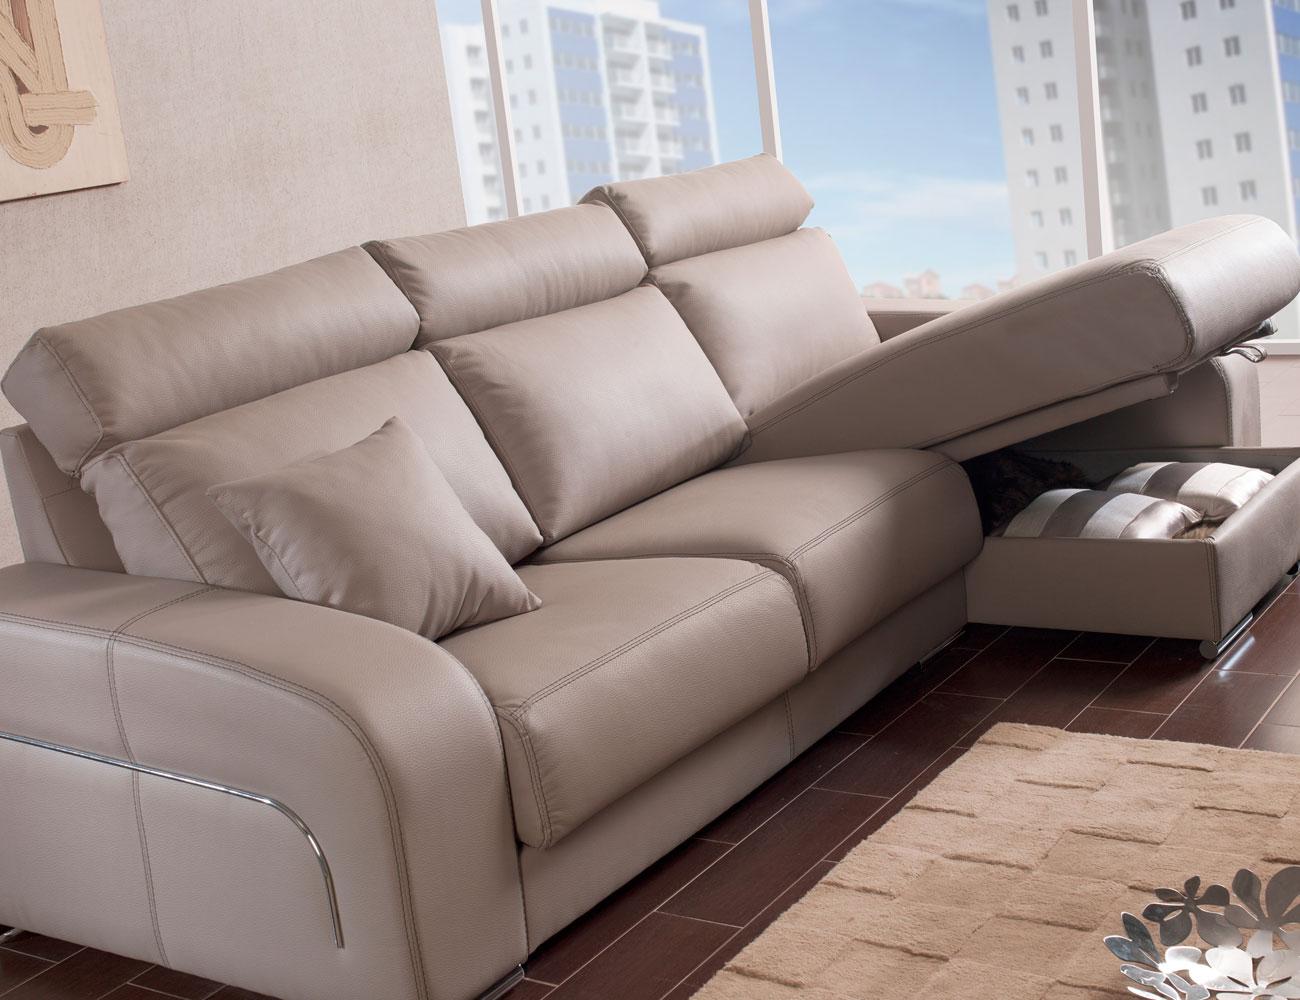 Sofa chaiselongue moderno pared cero arcon18